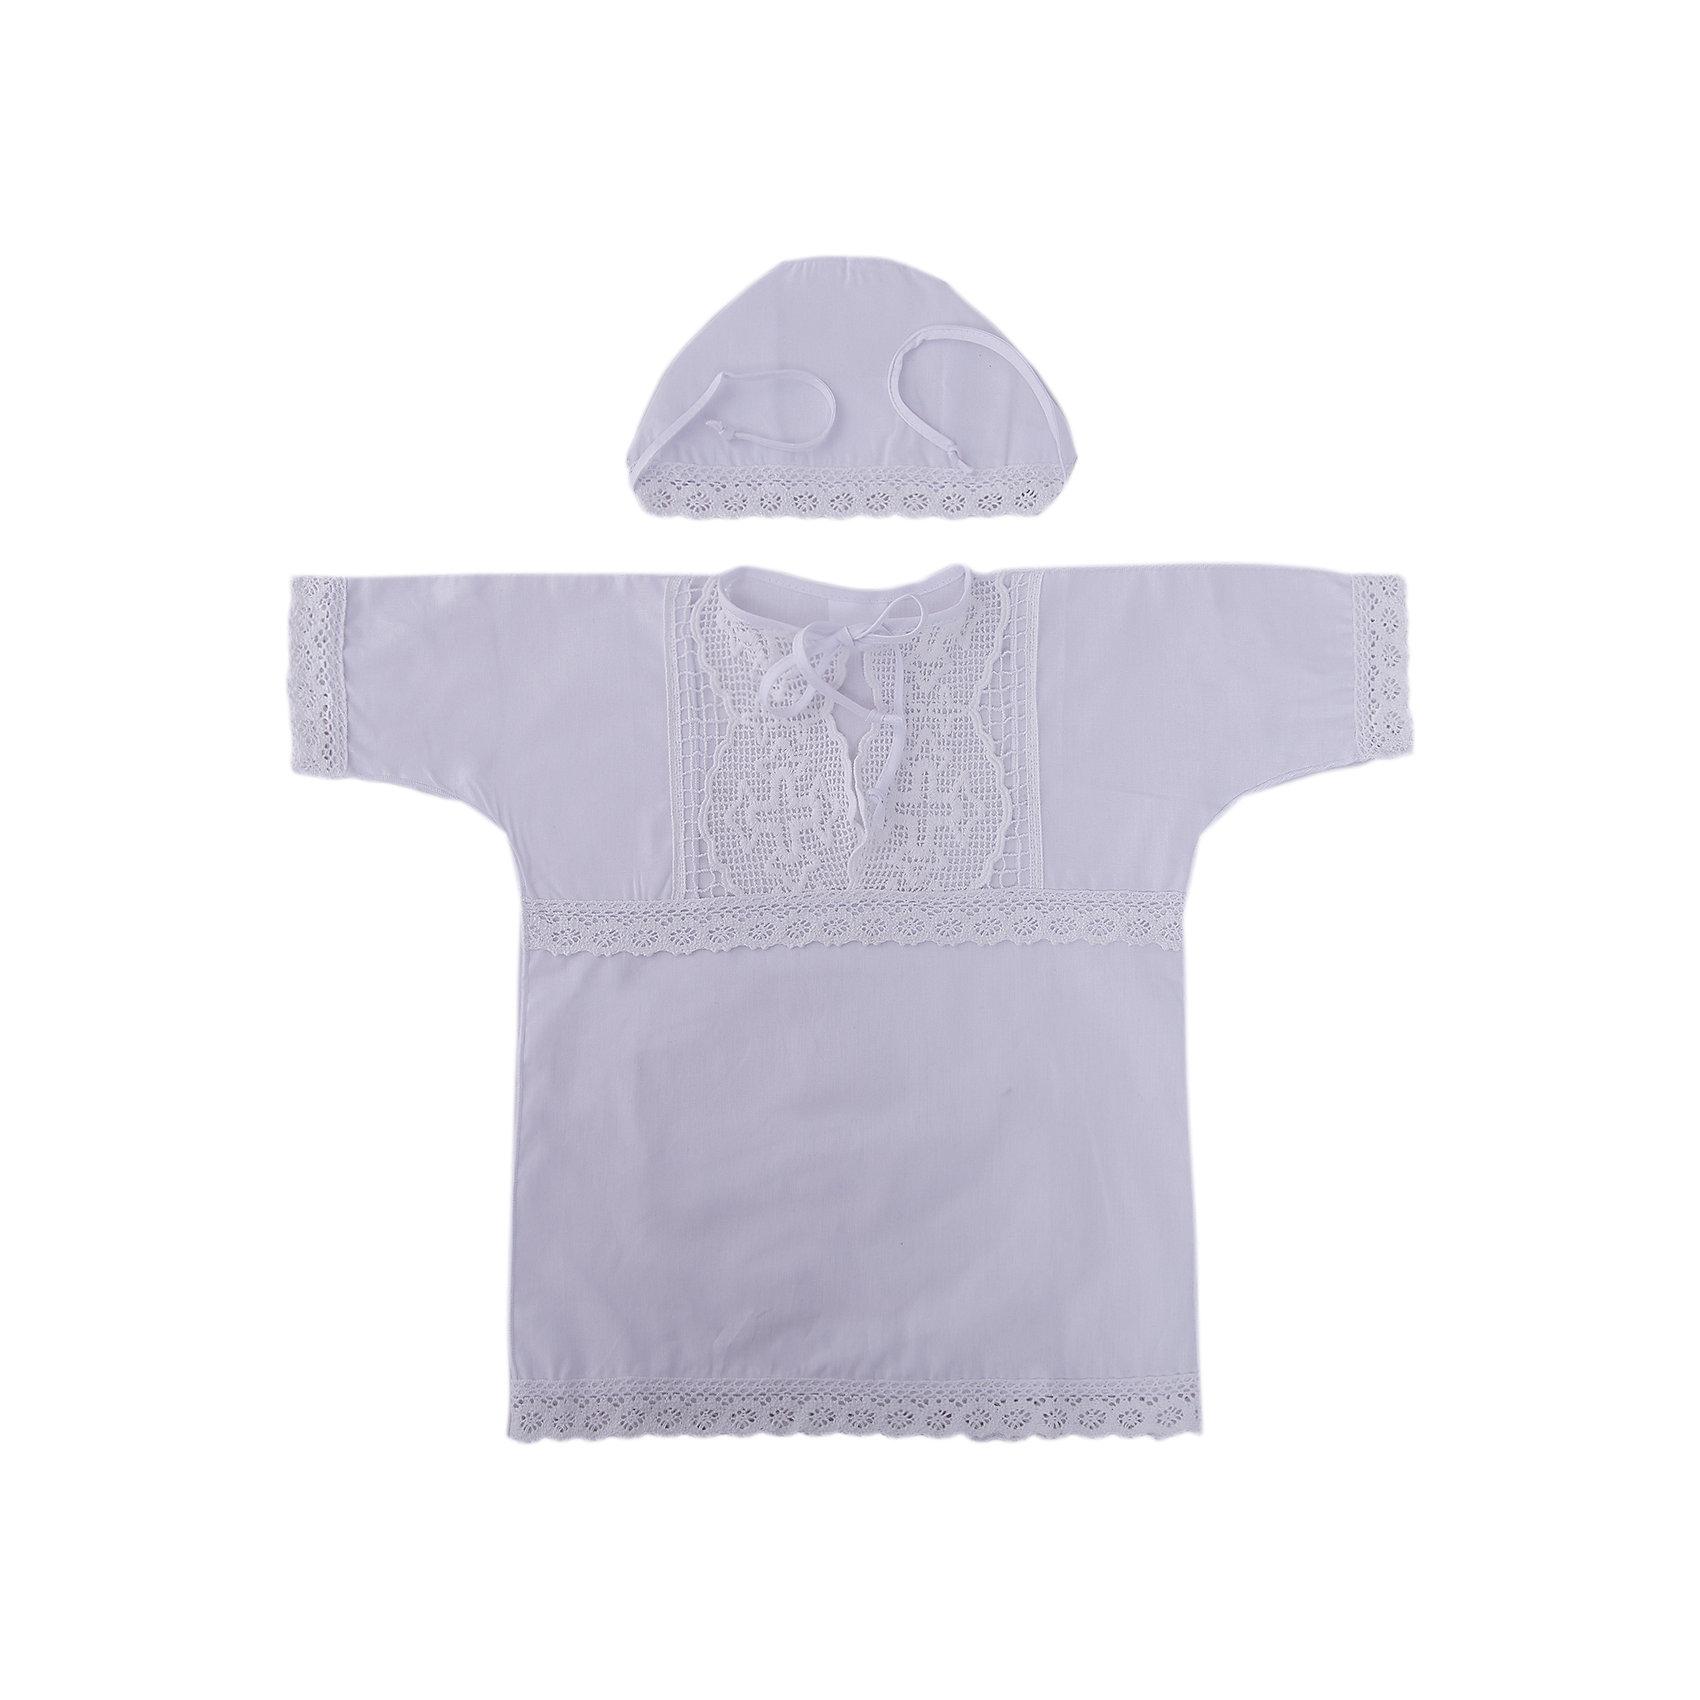 Крестильный набор:кофточка + чепчик, Baby Nice, 0-3 мес.Комплекты<br>Крещение  - важное событие в жизни ребенка и его родных. Сделать его торжественней поможет нарядный крестильный набор. Предметы одежды для детей при этом должны быть качественными и безопасными.<br>Набор из рубашки и чепчика из натурального дышащего хлопка, приятного на ощупь. Он не вызывает аллергии, что особенно важно для малышей. Отделаны предметы изысканным кружевом ручной работы. Набор сшит из высококачественных материалов, безопасных для ребенка.<br><br>Дополнительная информация:<br><br>цвет: белый;<br>материал: 100% хлопок;<br>комплектация: чепчик, рубашка;<br>отделка: кружево ручной работы.<br><br>Крестильный набор: кофточка + чепчик, от компании Baby Nice можно купить в нашем магазине.<br><br>Ширина мм: 200<br>Глубина мм: 300<br>Высота мм: 10<br>Вес г: 200<br>Возраст от месяцев: 0<br>Возраст до месяцев: 36<br>Пол: Унисекс<br>Возраст: Детский<br>SKU: 4941767